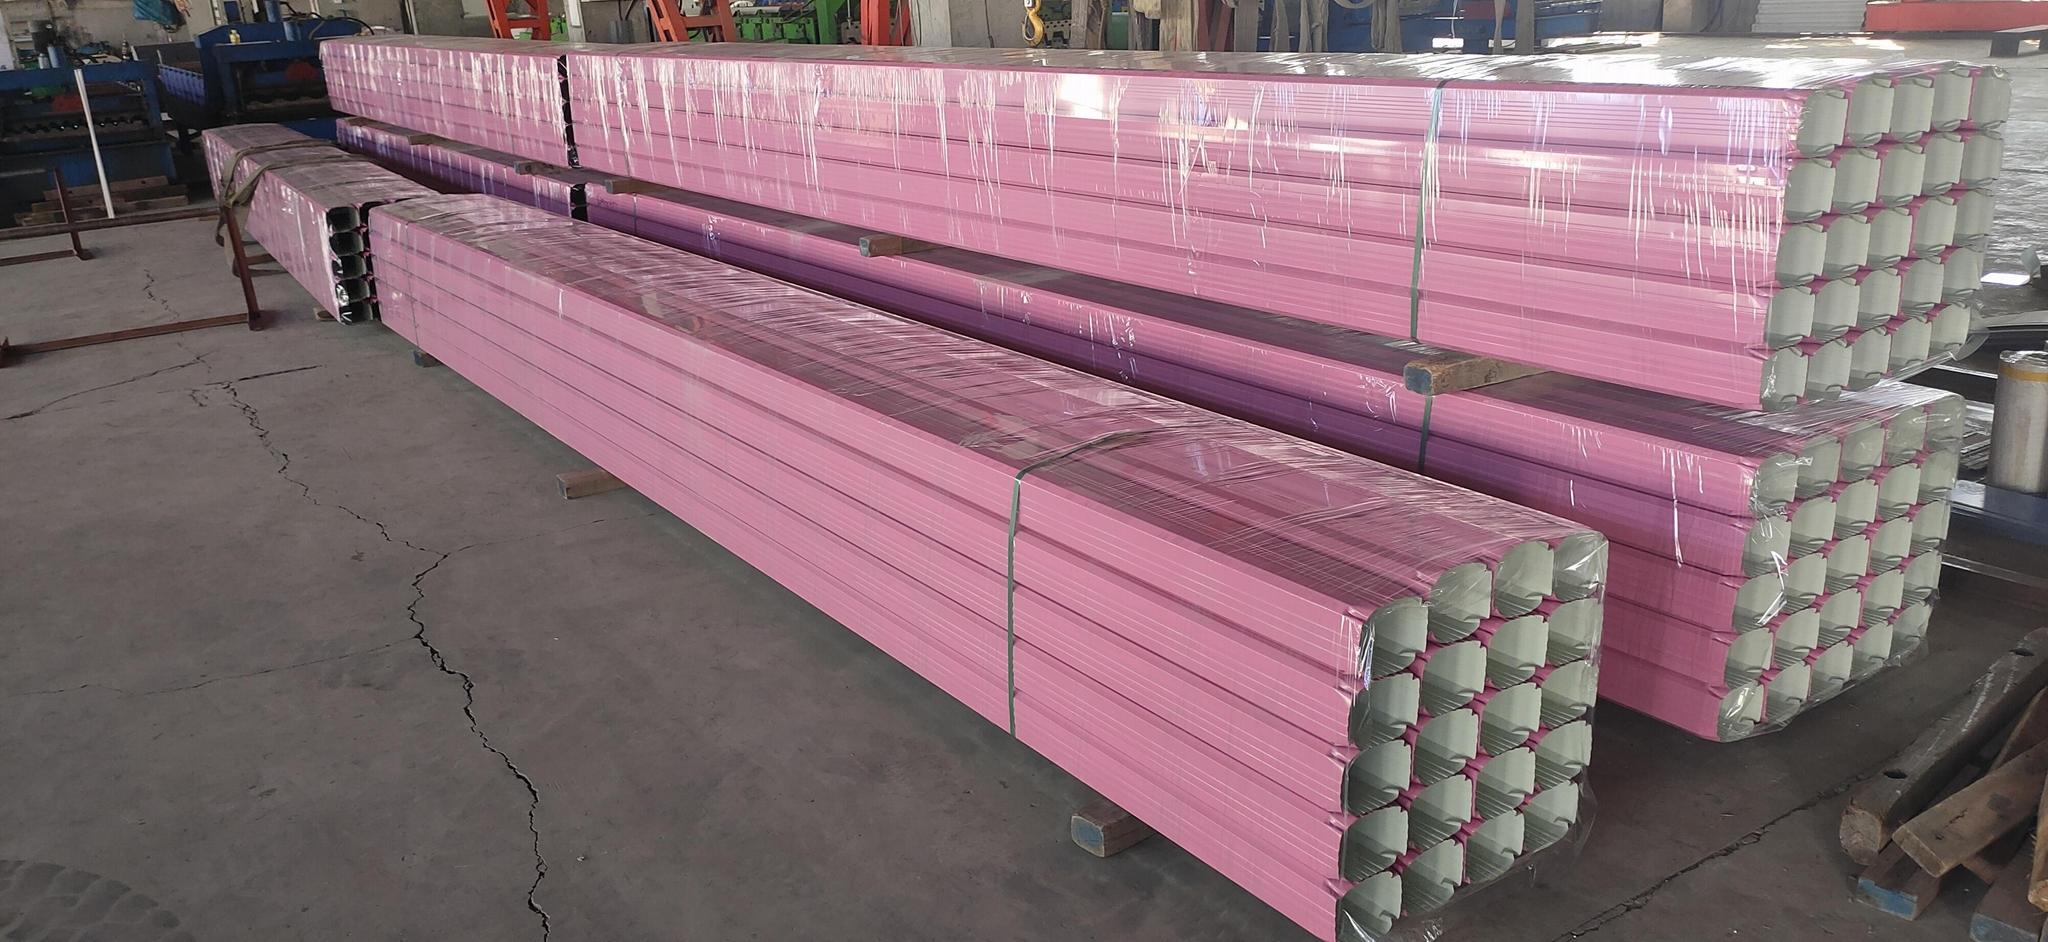 彩鋼雨水管廠家銷售全國發貨 4